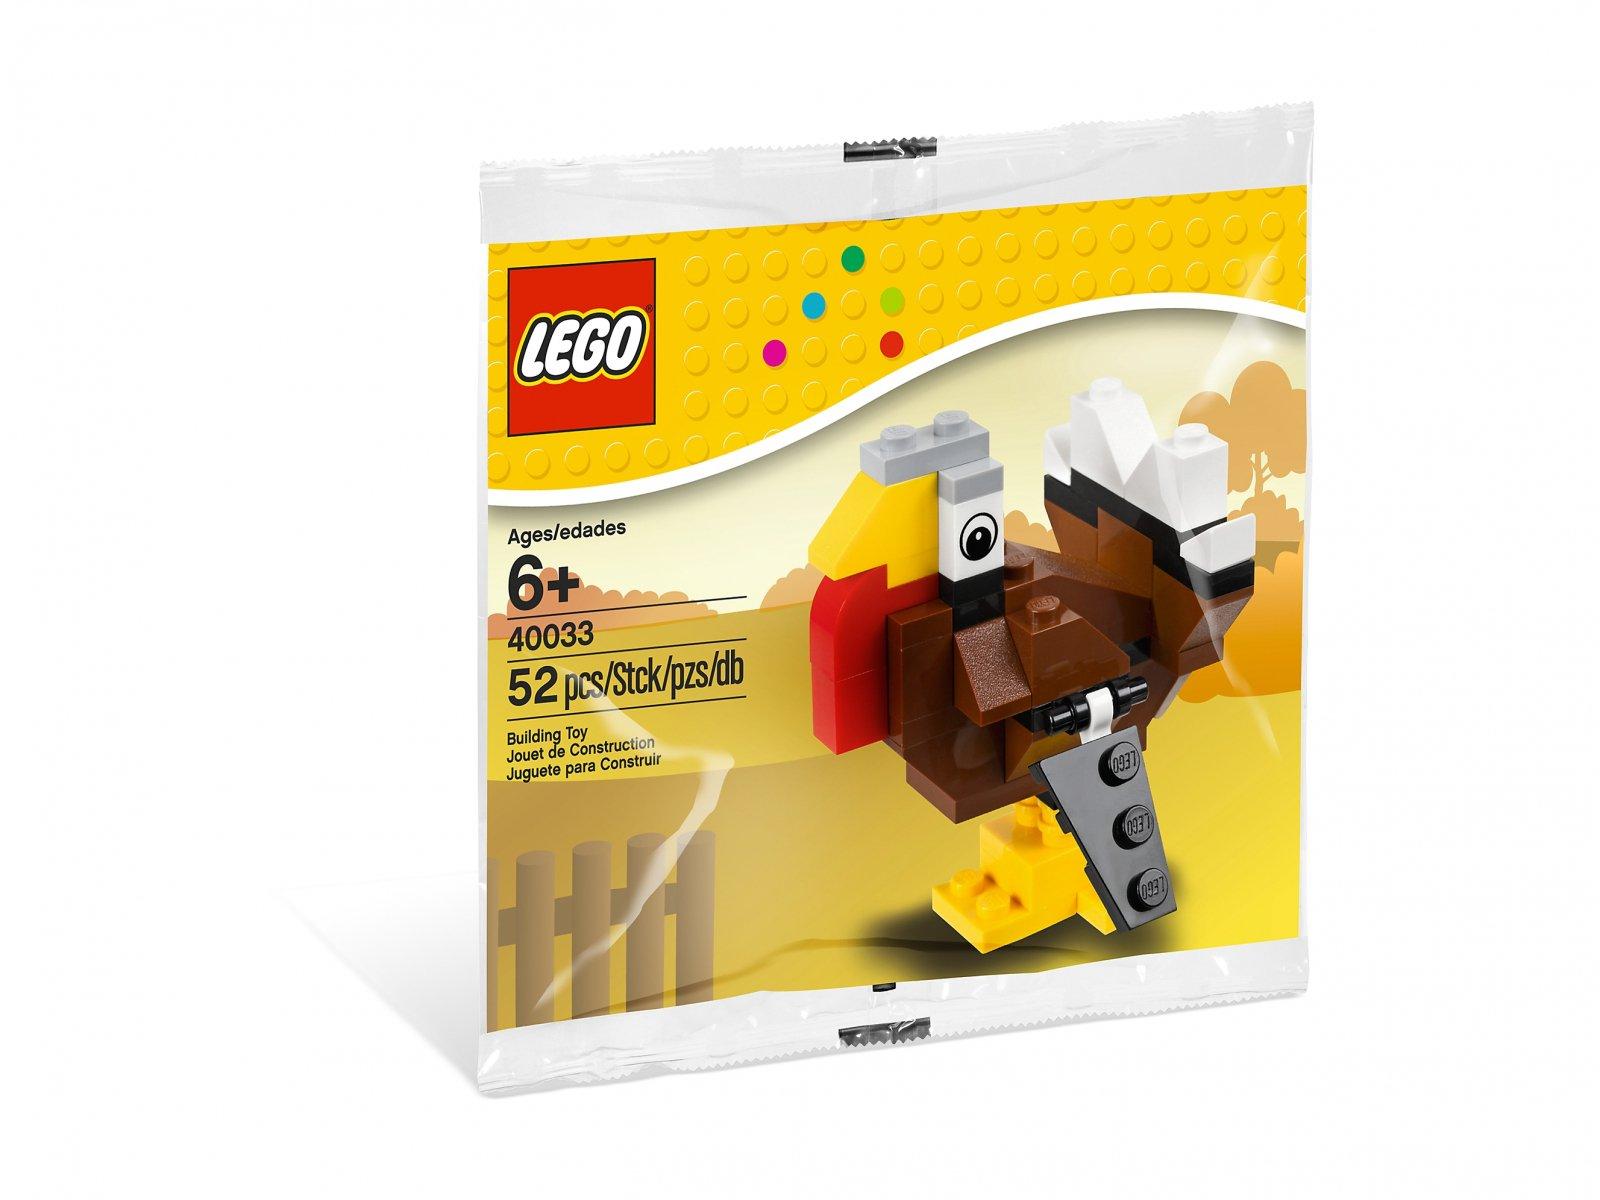 LEGO 40033 Turkey